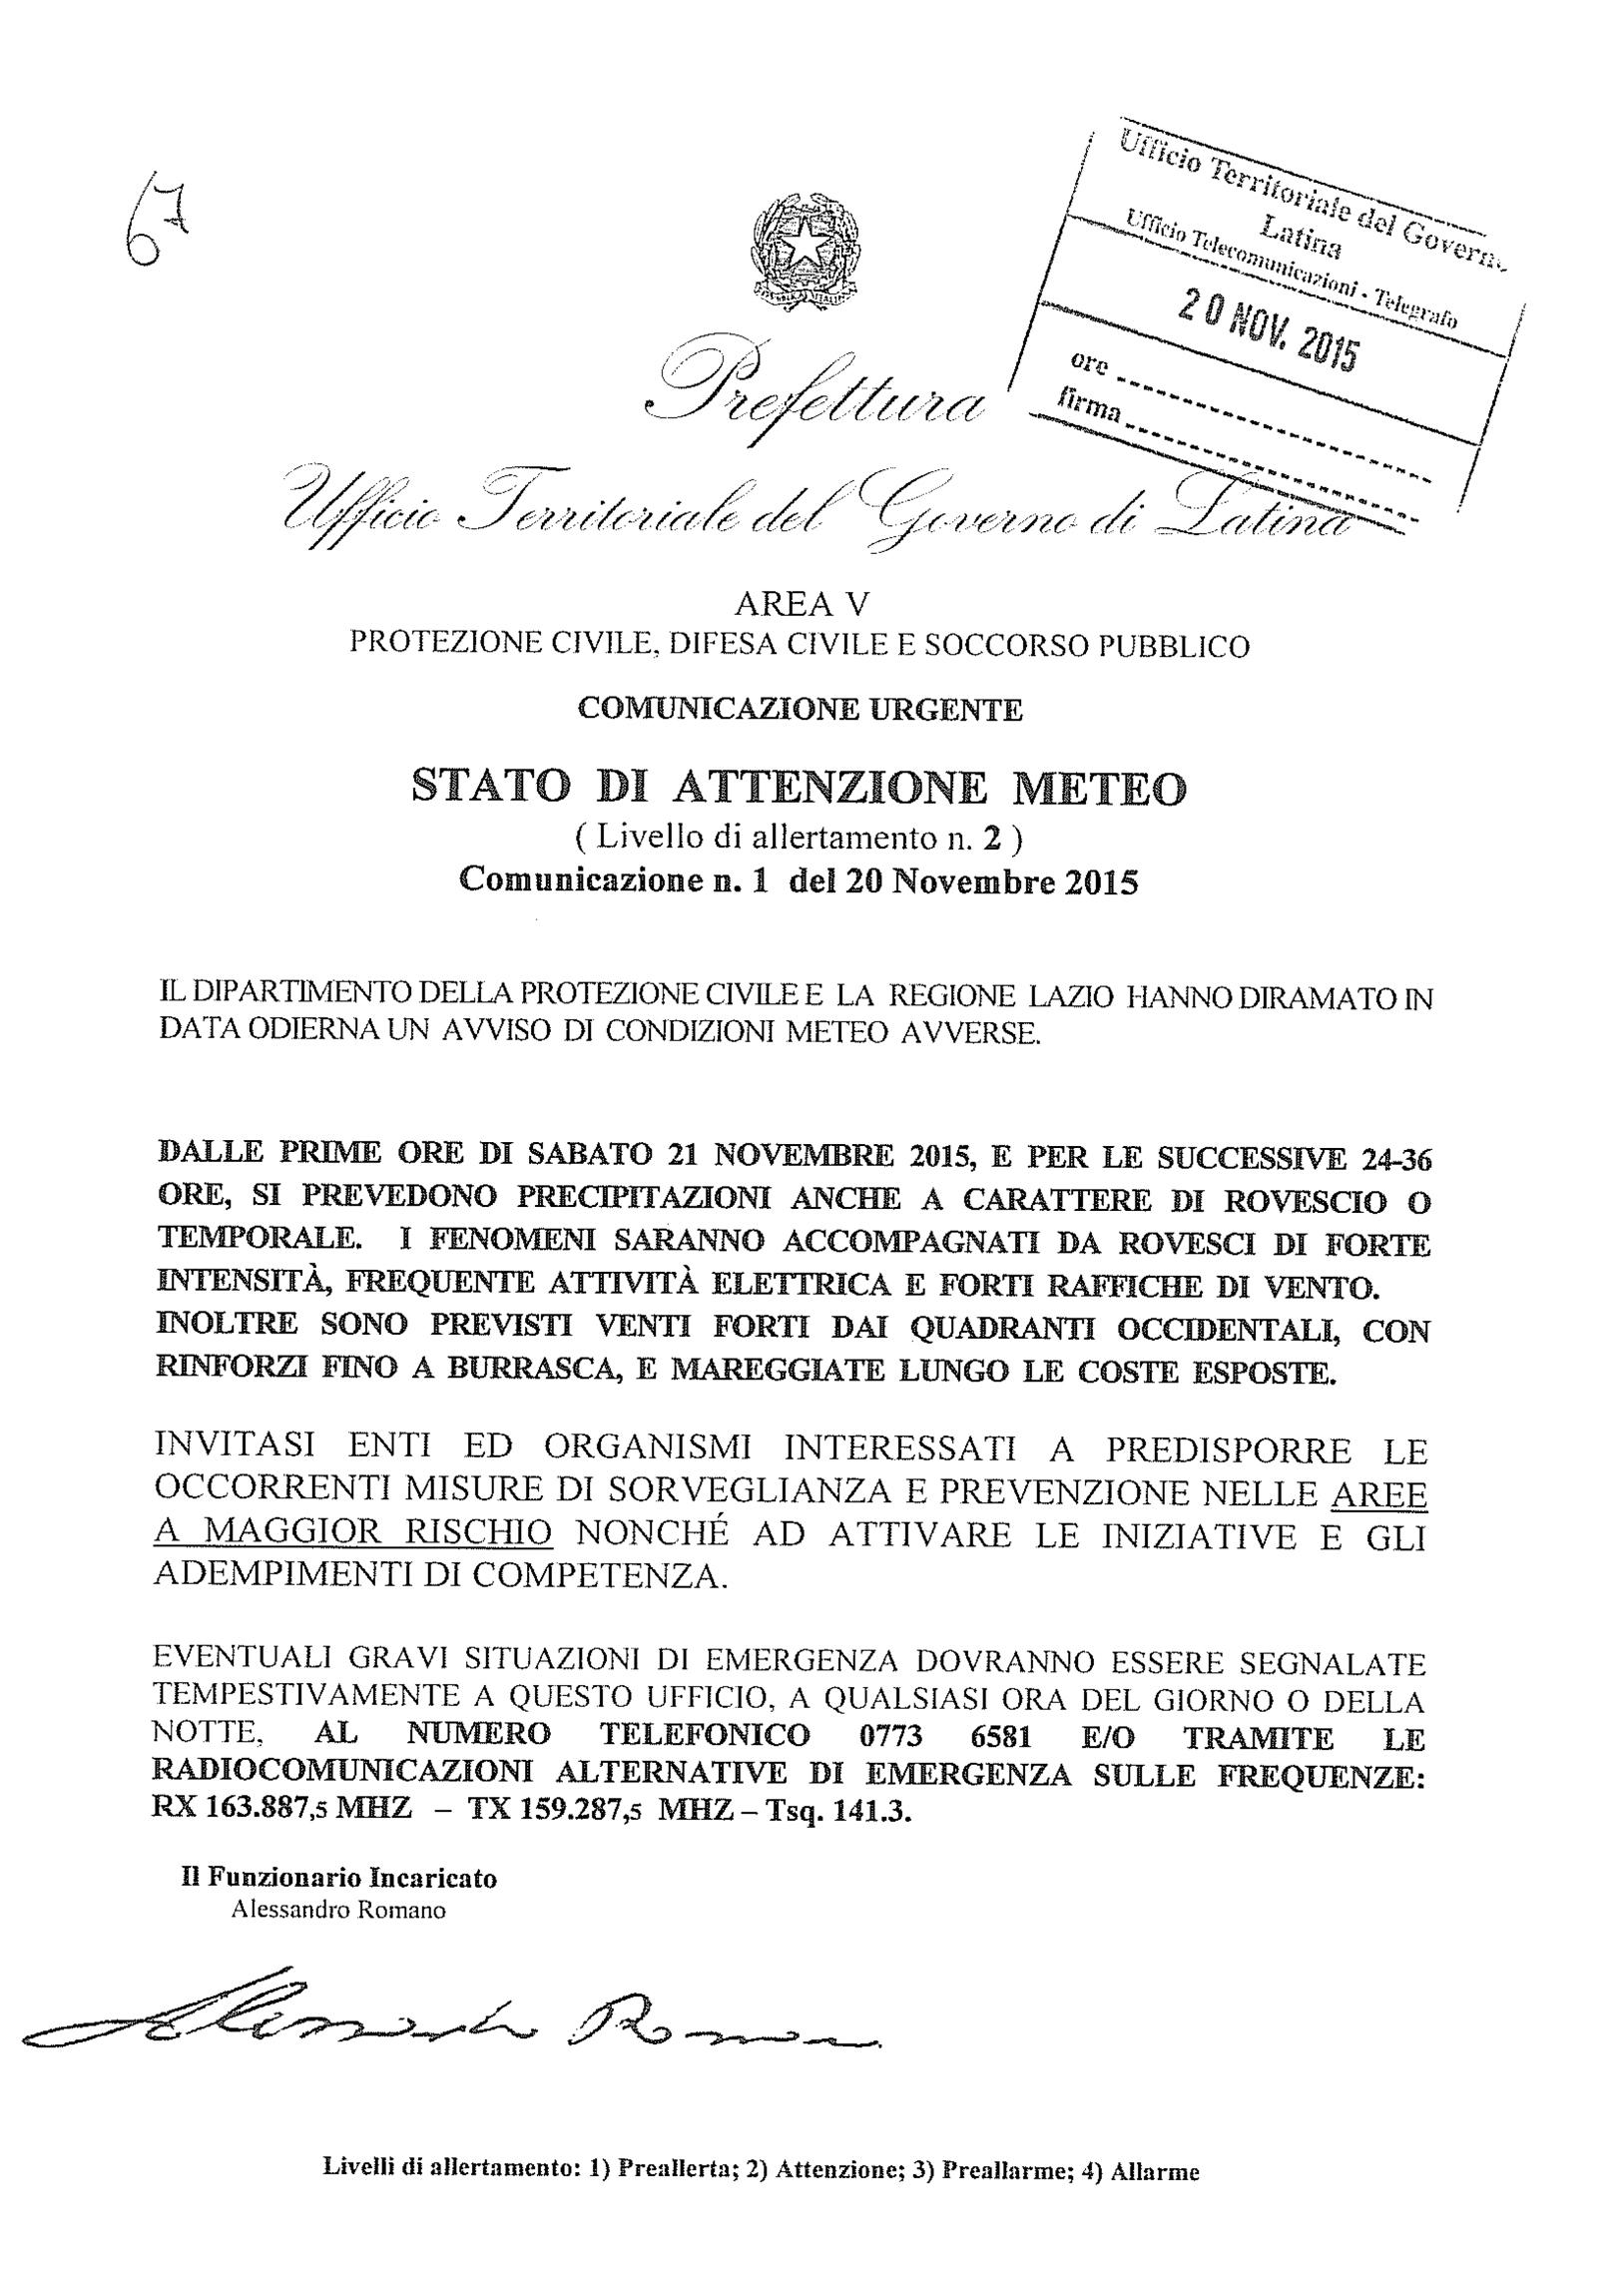 COMUNICATO PREFETTURA STATO DI ATTENZIONE METEO